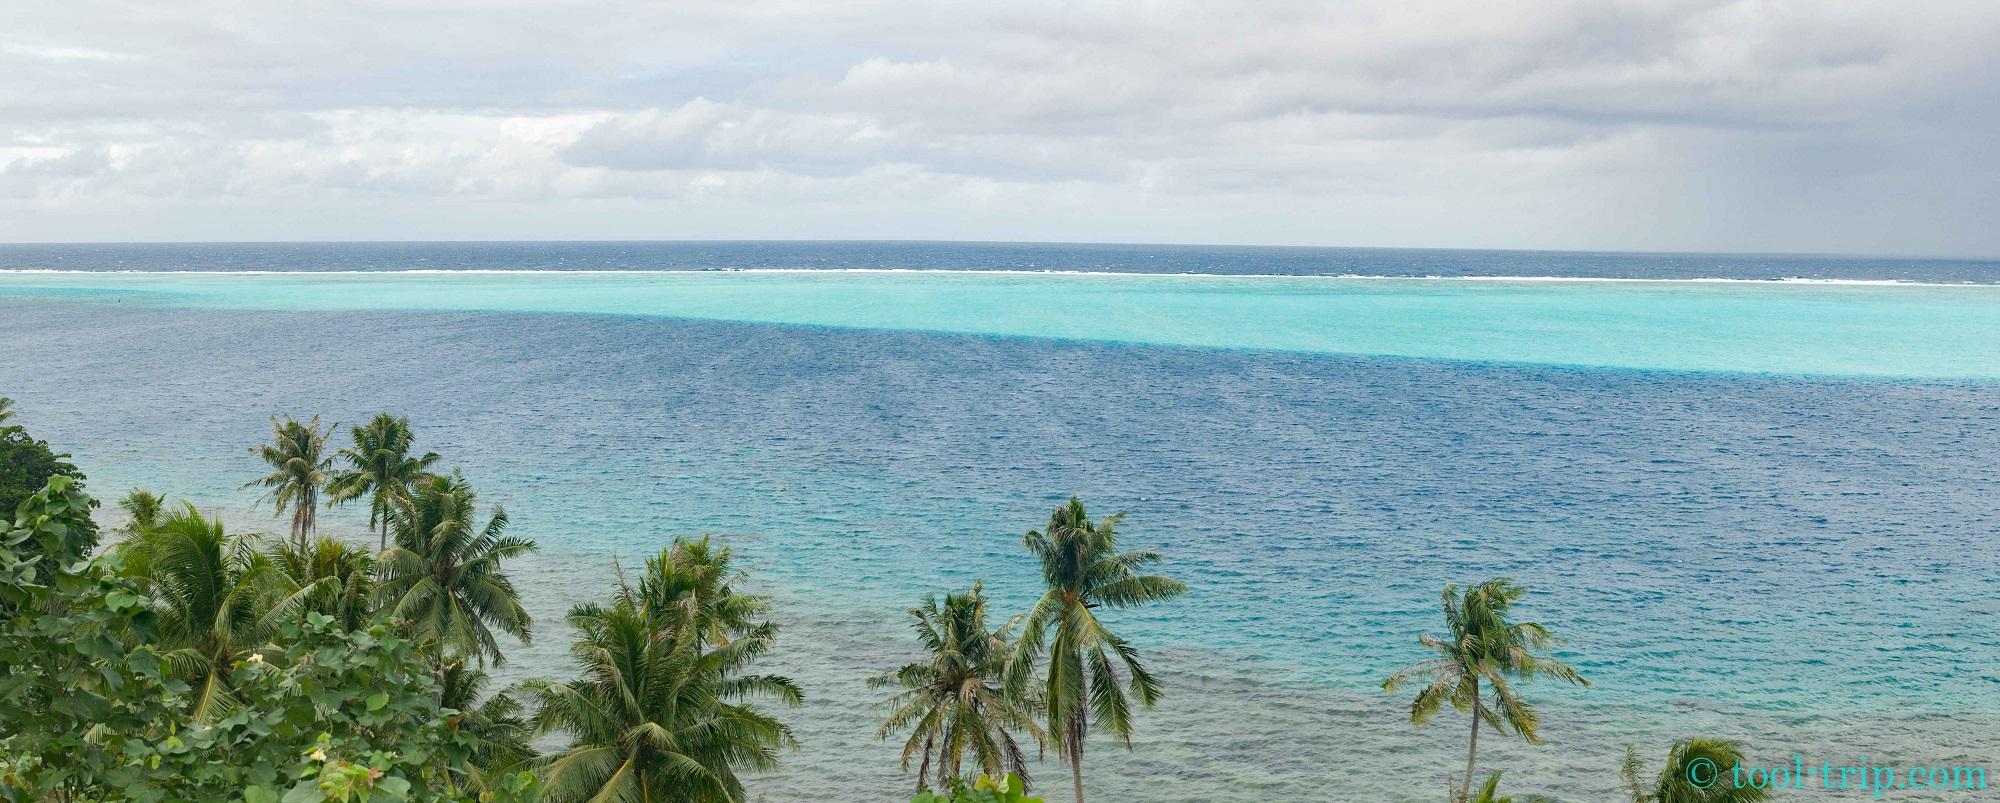 Pano Huahine lagon